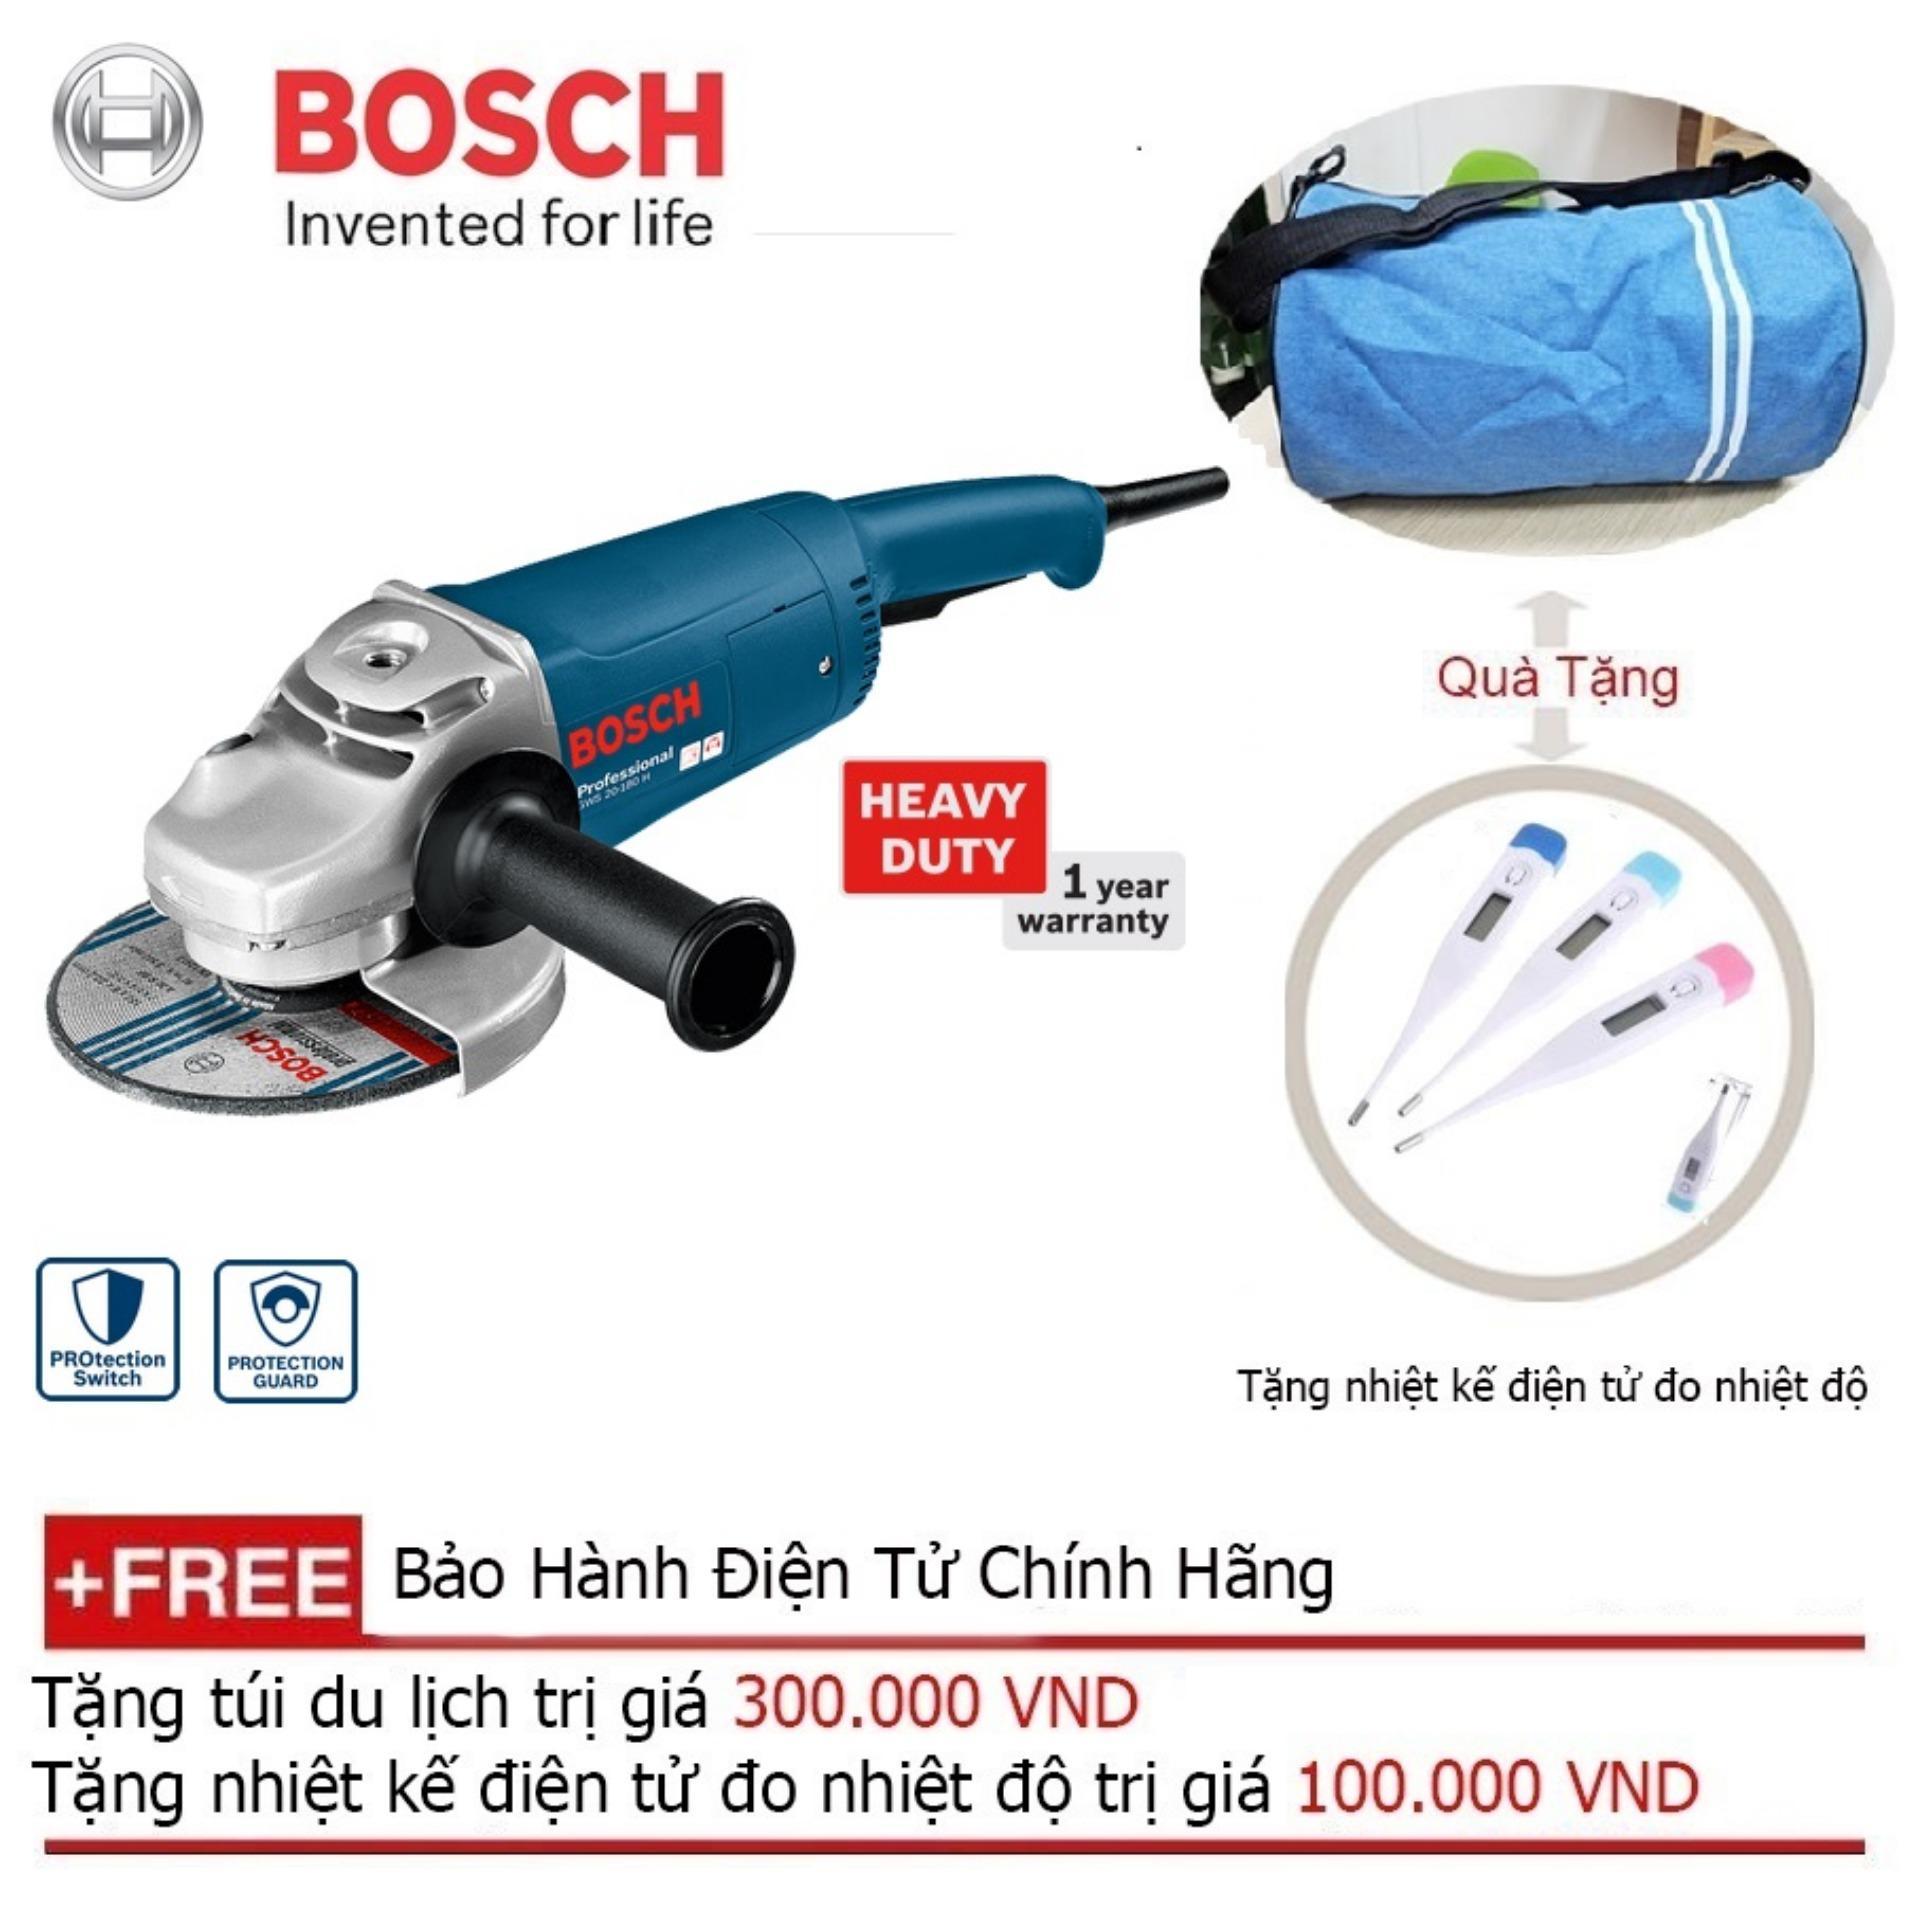 Máy Mài Góc Bosch GWS 20-180 + Quà tặng áo mưa